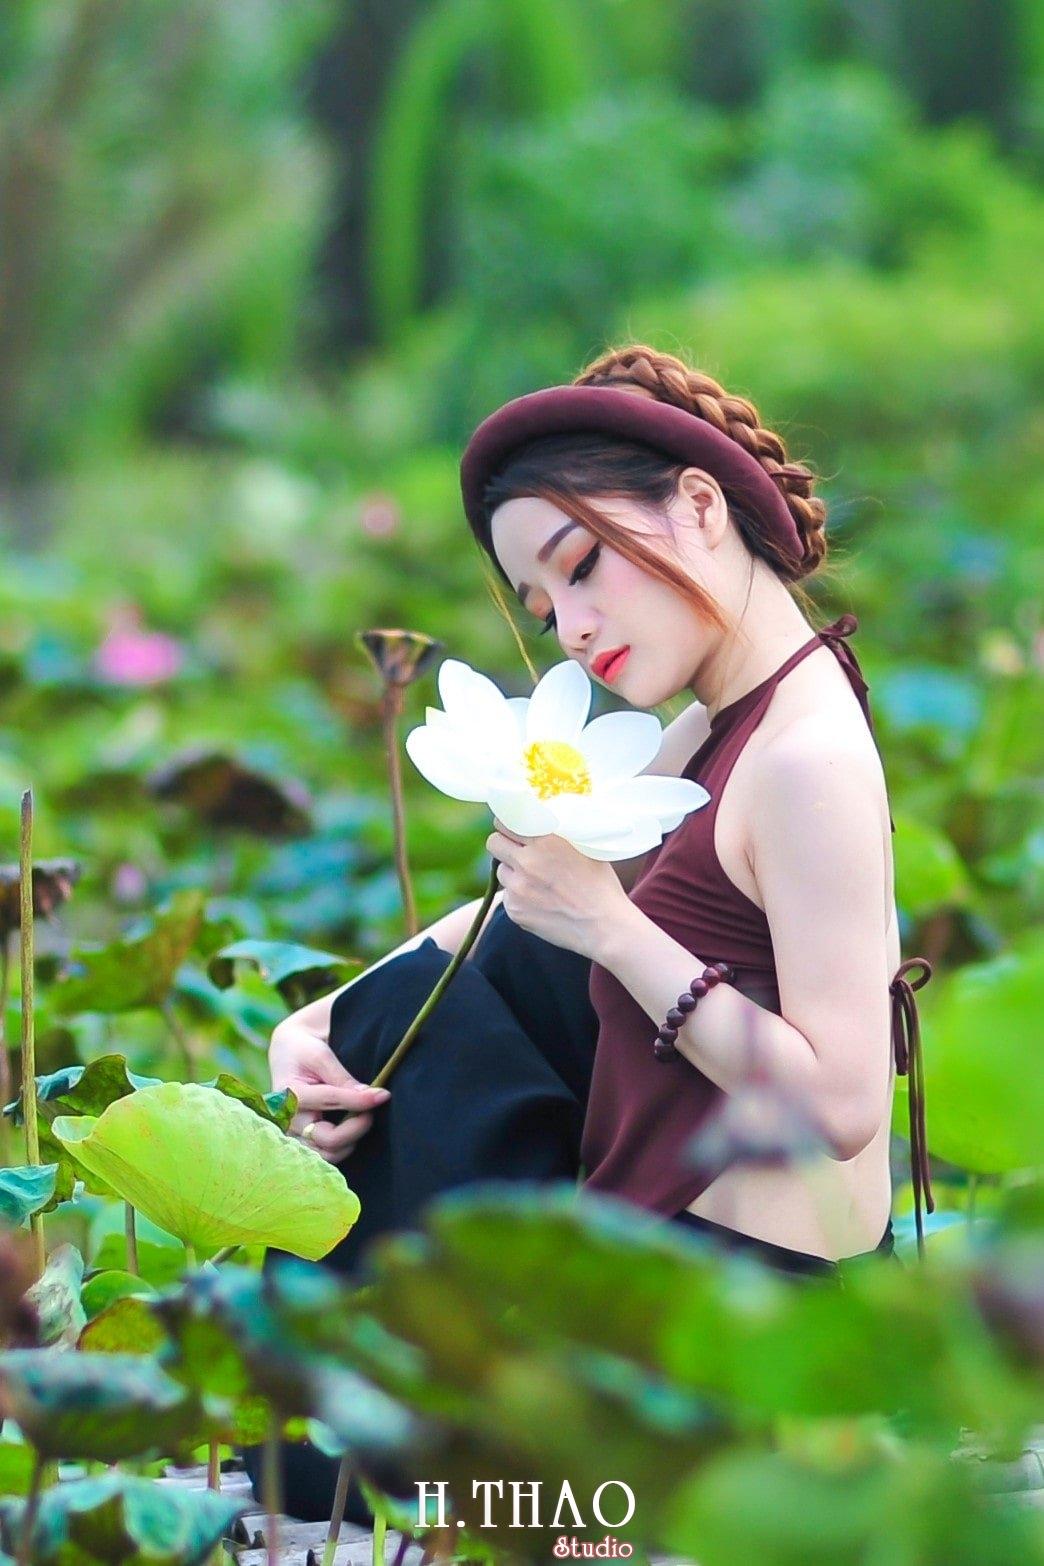 anh sen 3 - Thiếu nữ bên hoa sen - Model Ngọc Huyền